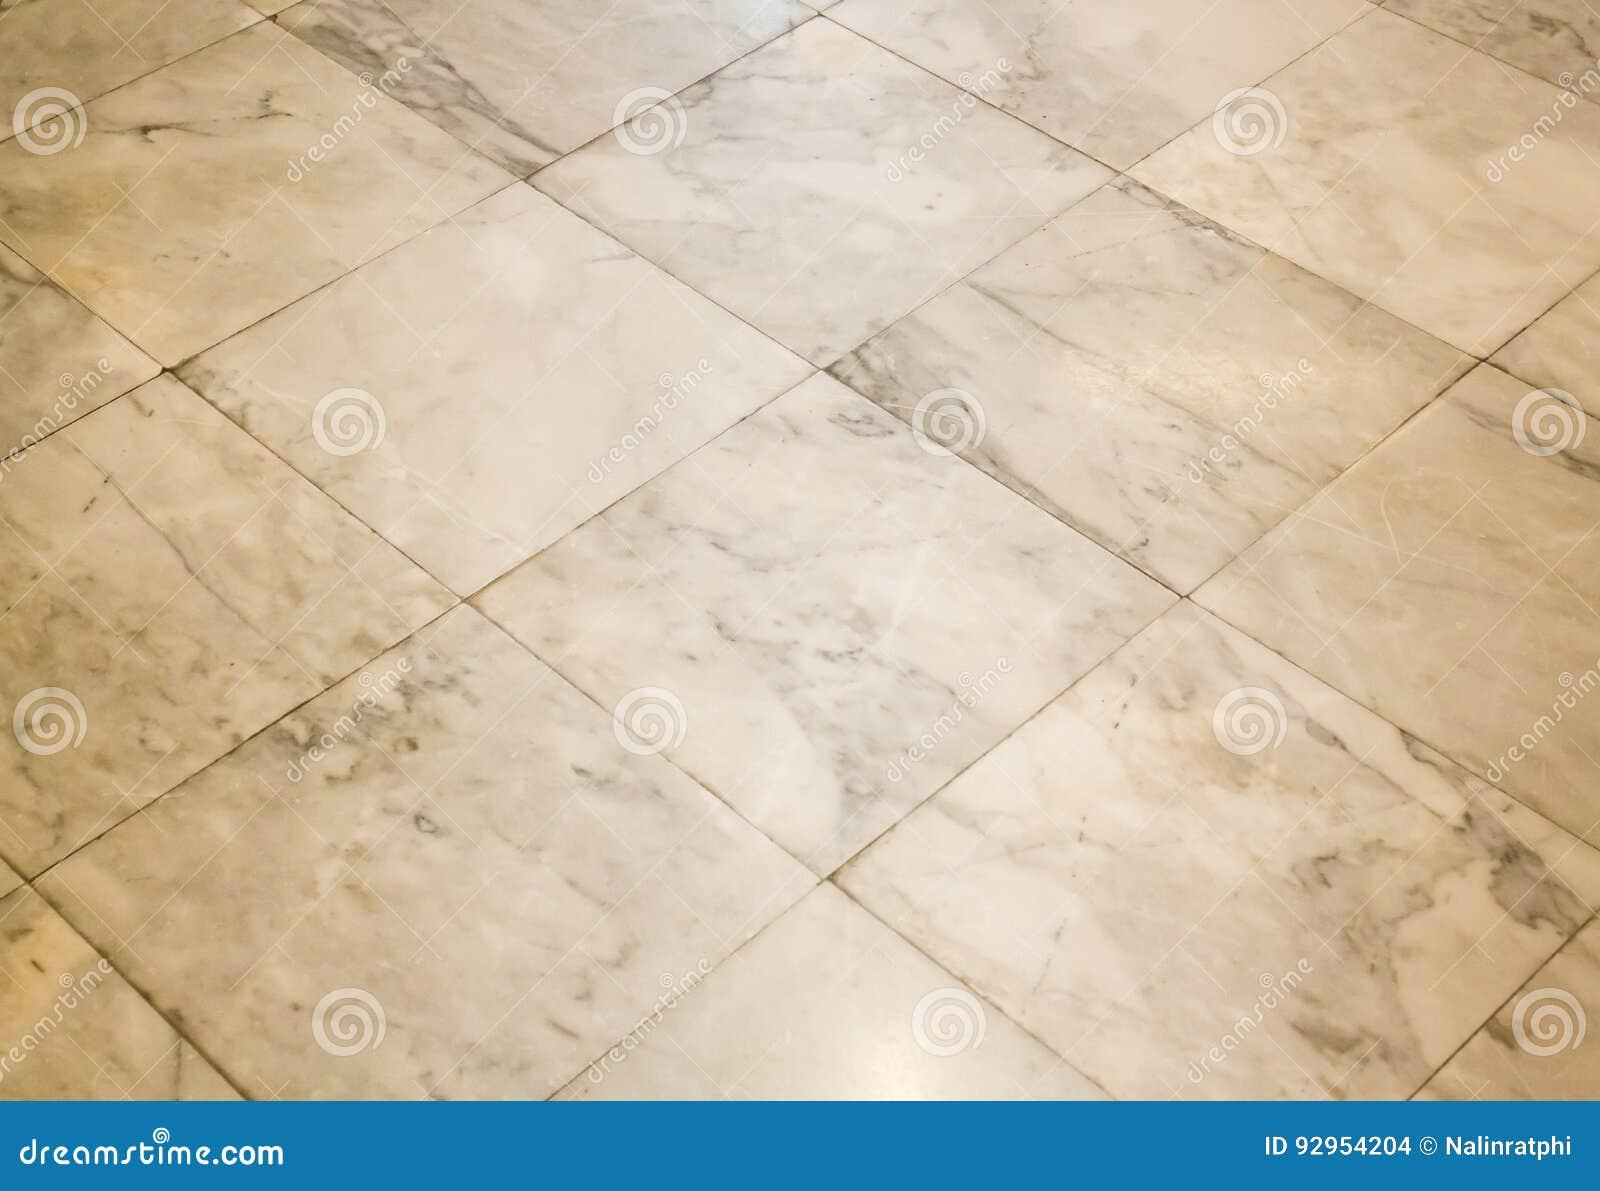 Fußboden Aus Alten Ziegeln ~ Alter mit ziegeln gedeckter marmorboden hintergrund stockfoto bild